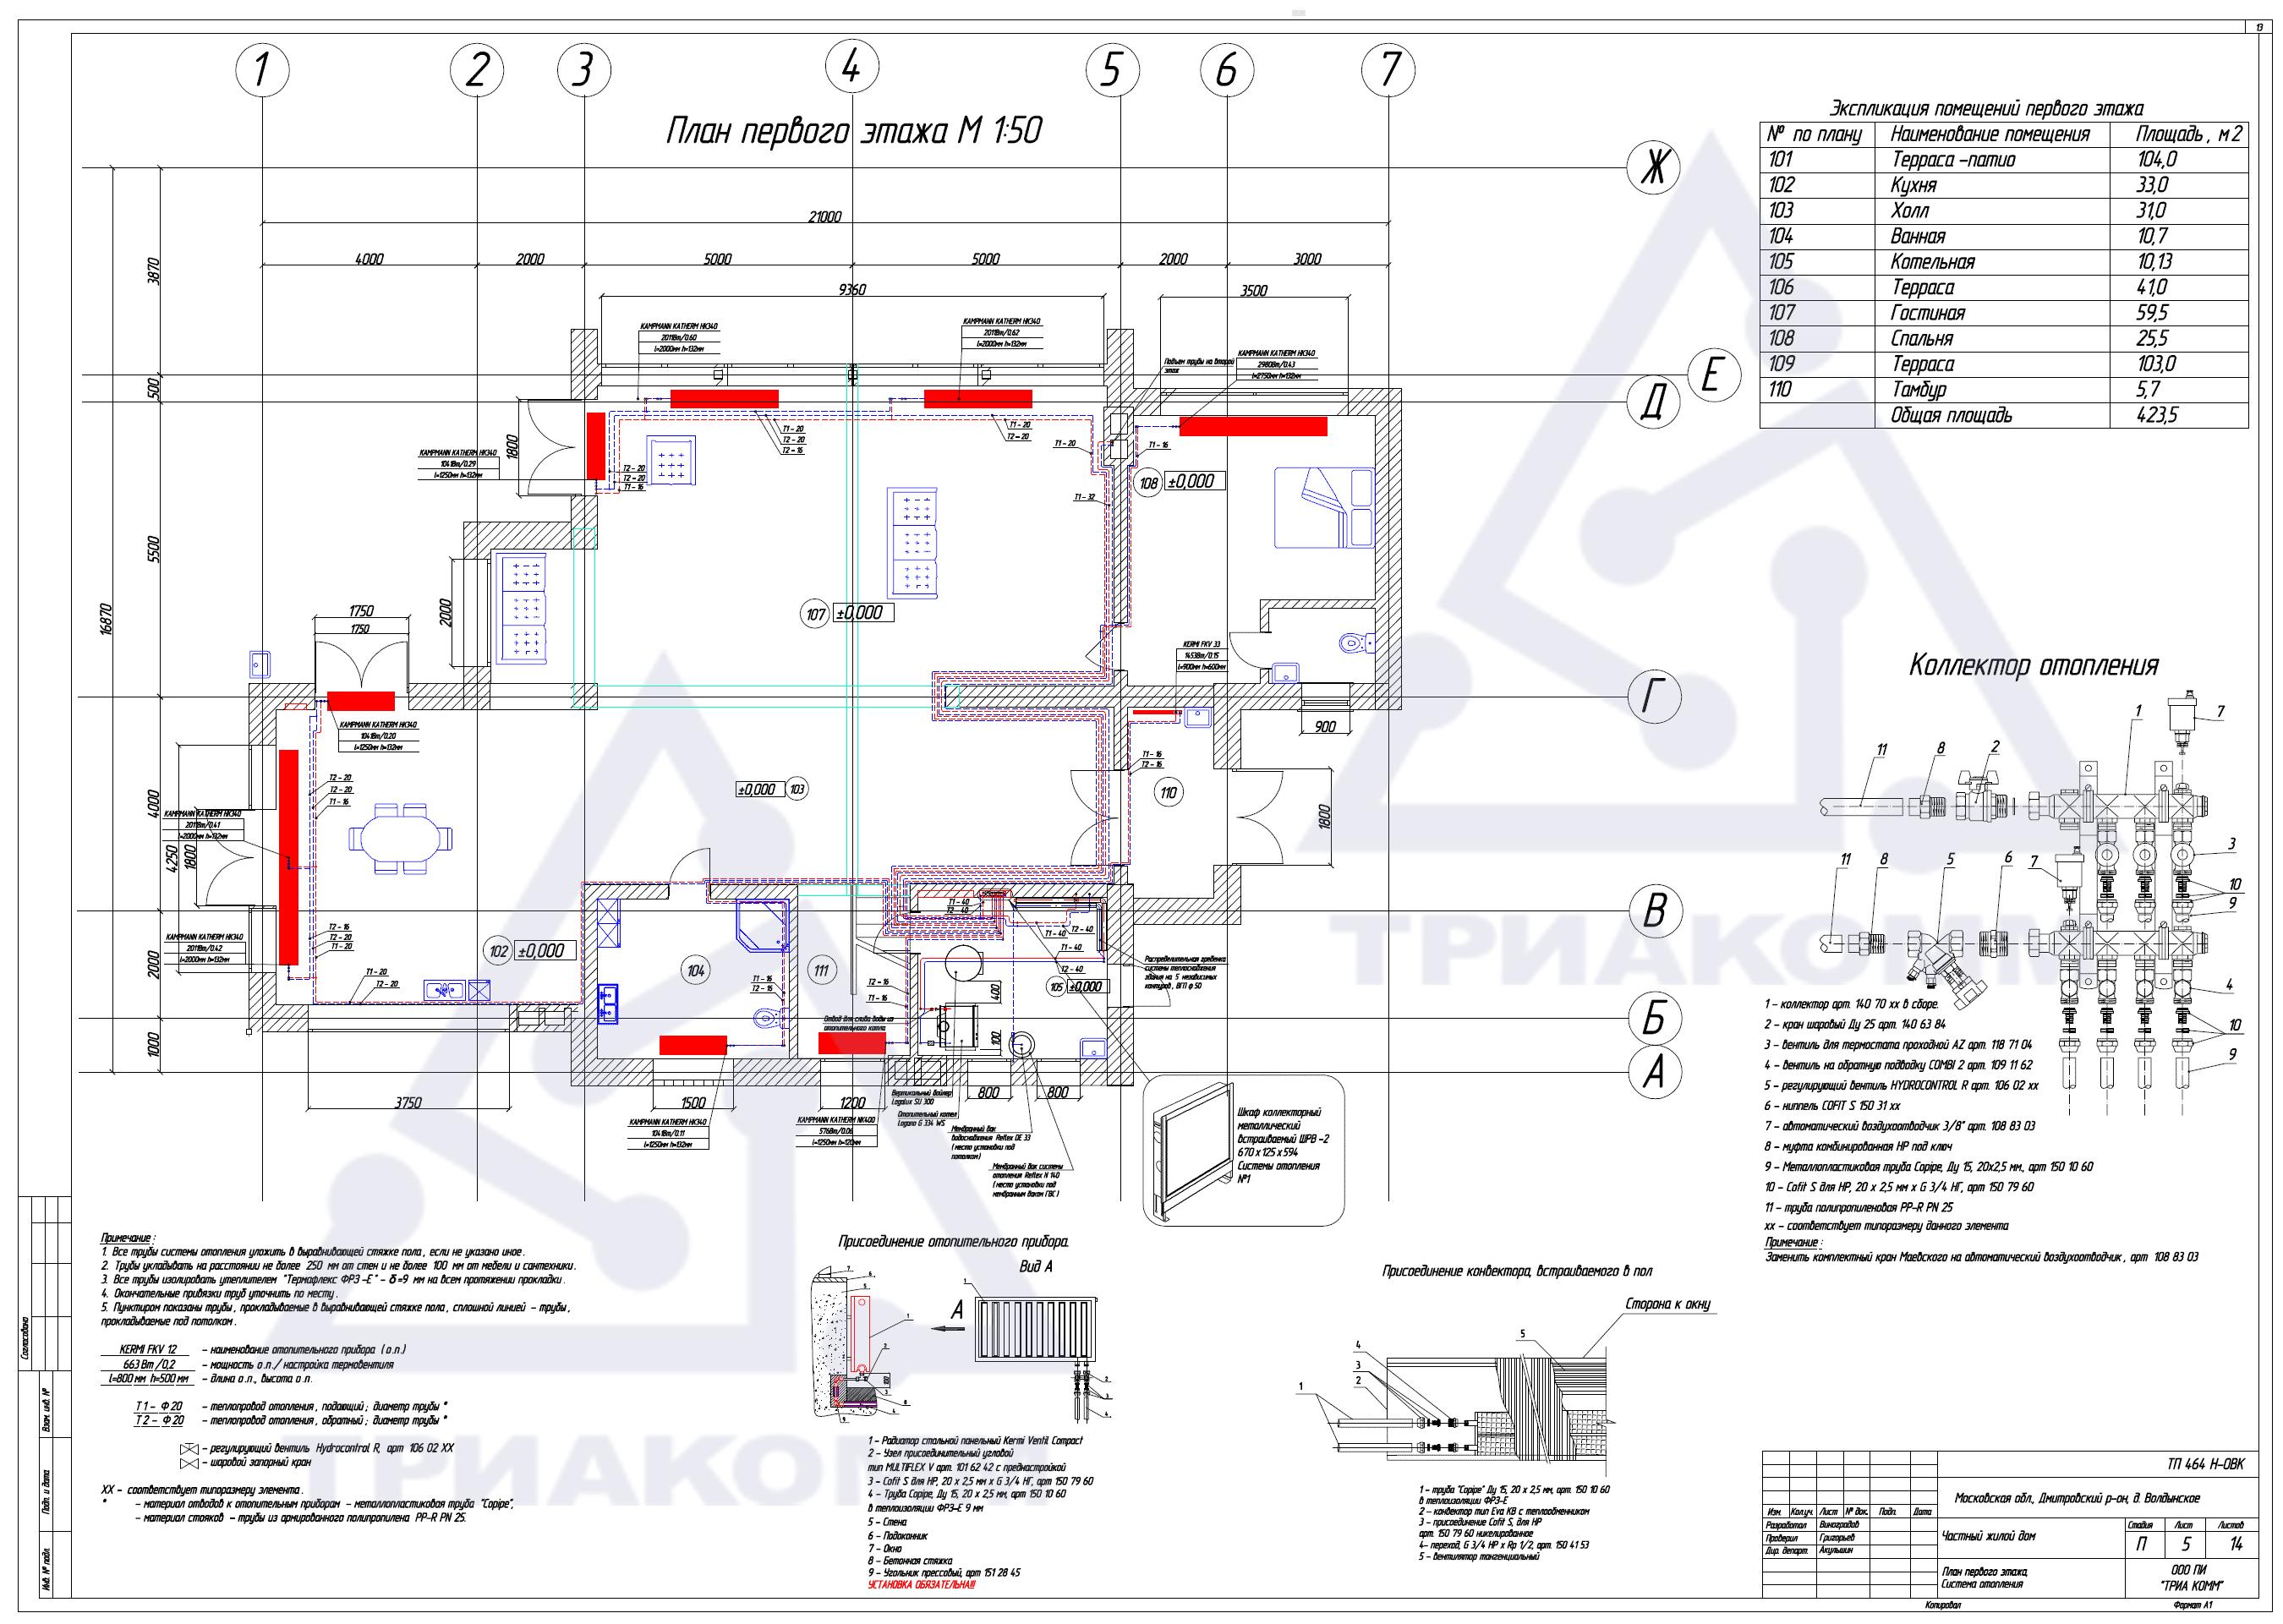 Бех законость прохождения в нежилом помещении 2-х стояков СХЕМЫСхемы, инструкции